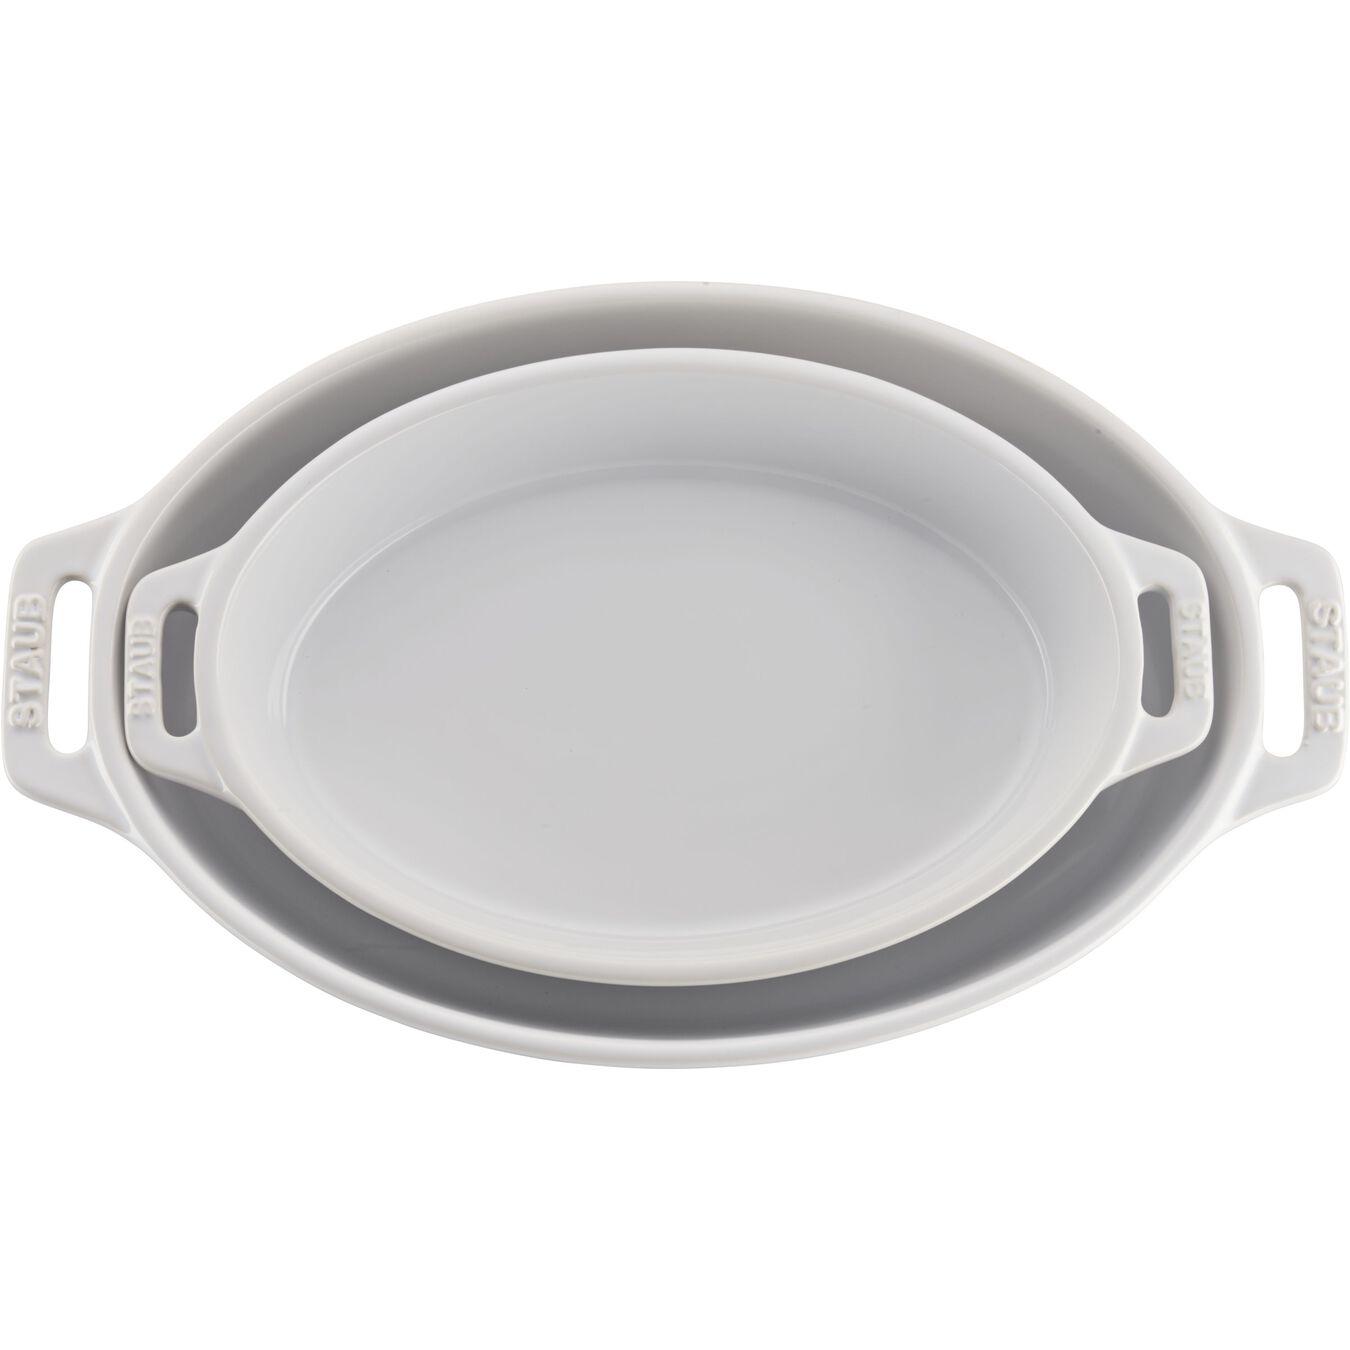 2-pc, oval, Baking Dish Set, white,,large 1